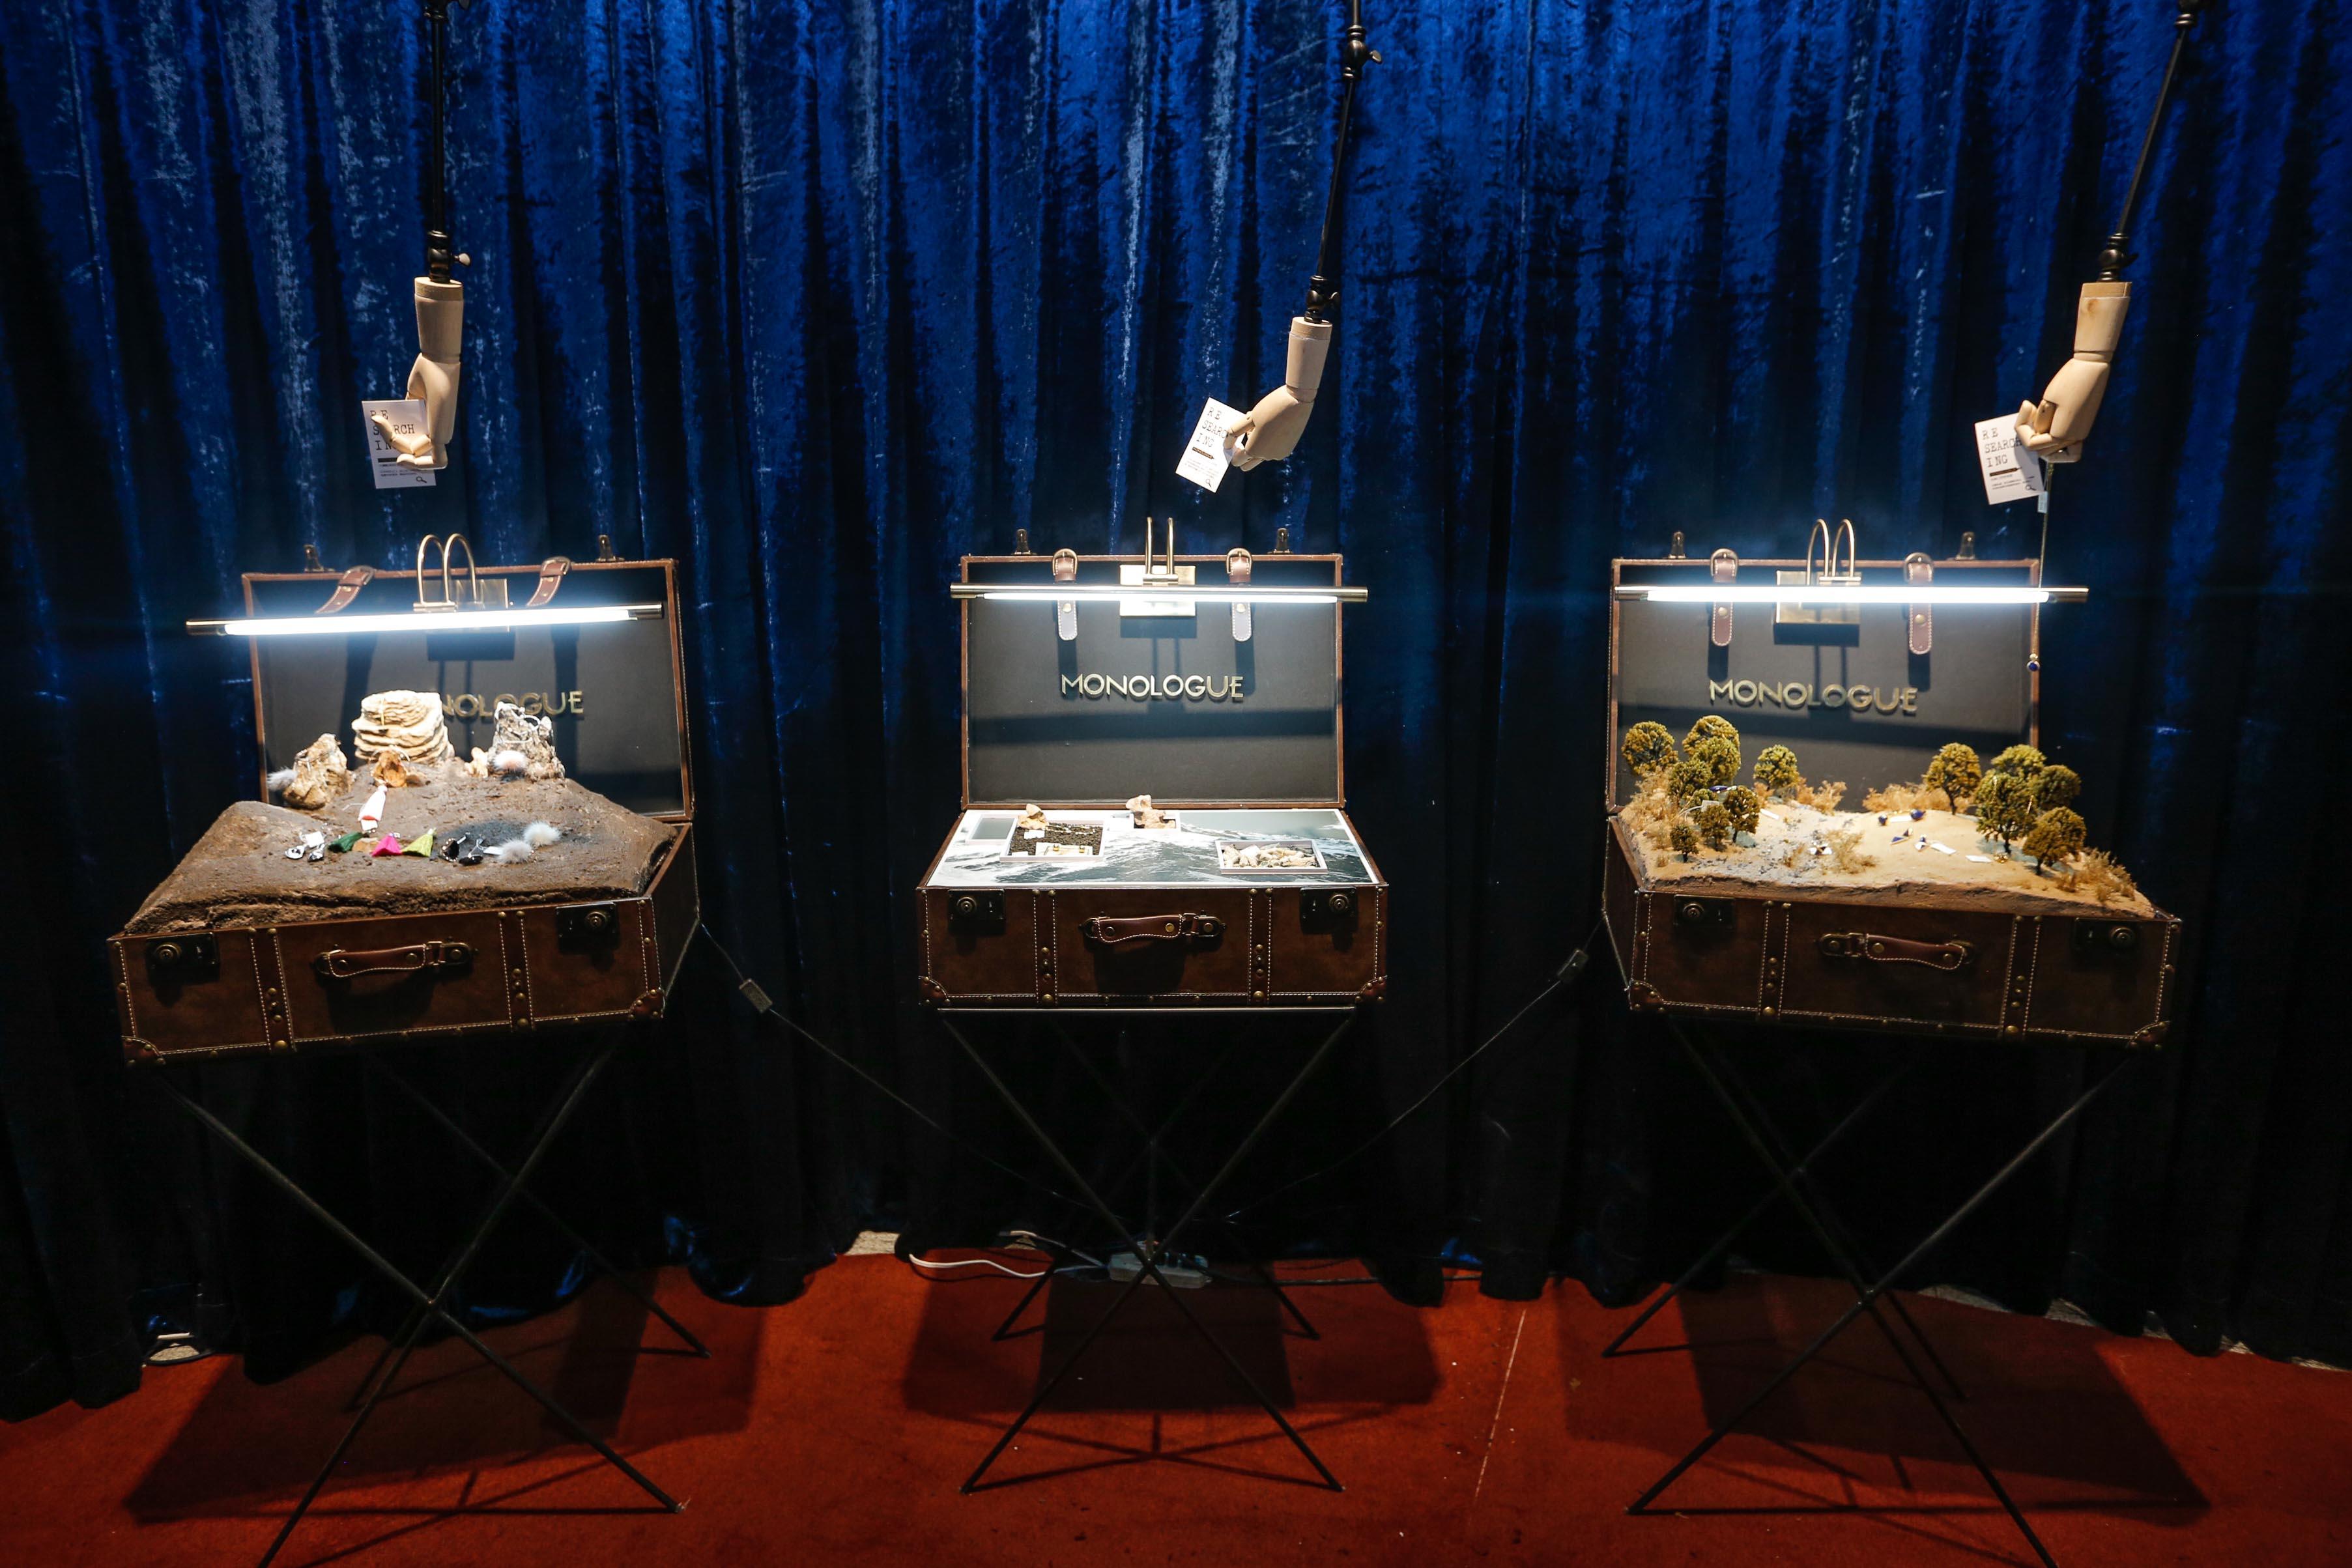 MONOLOGUE独白潮搭珠宝巡展 复古神秘与个性潮流的融合